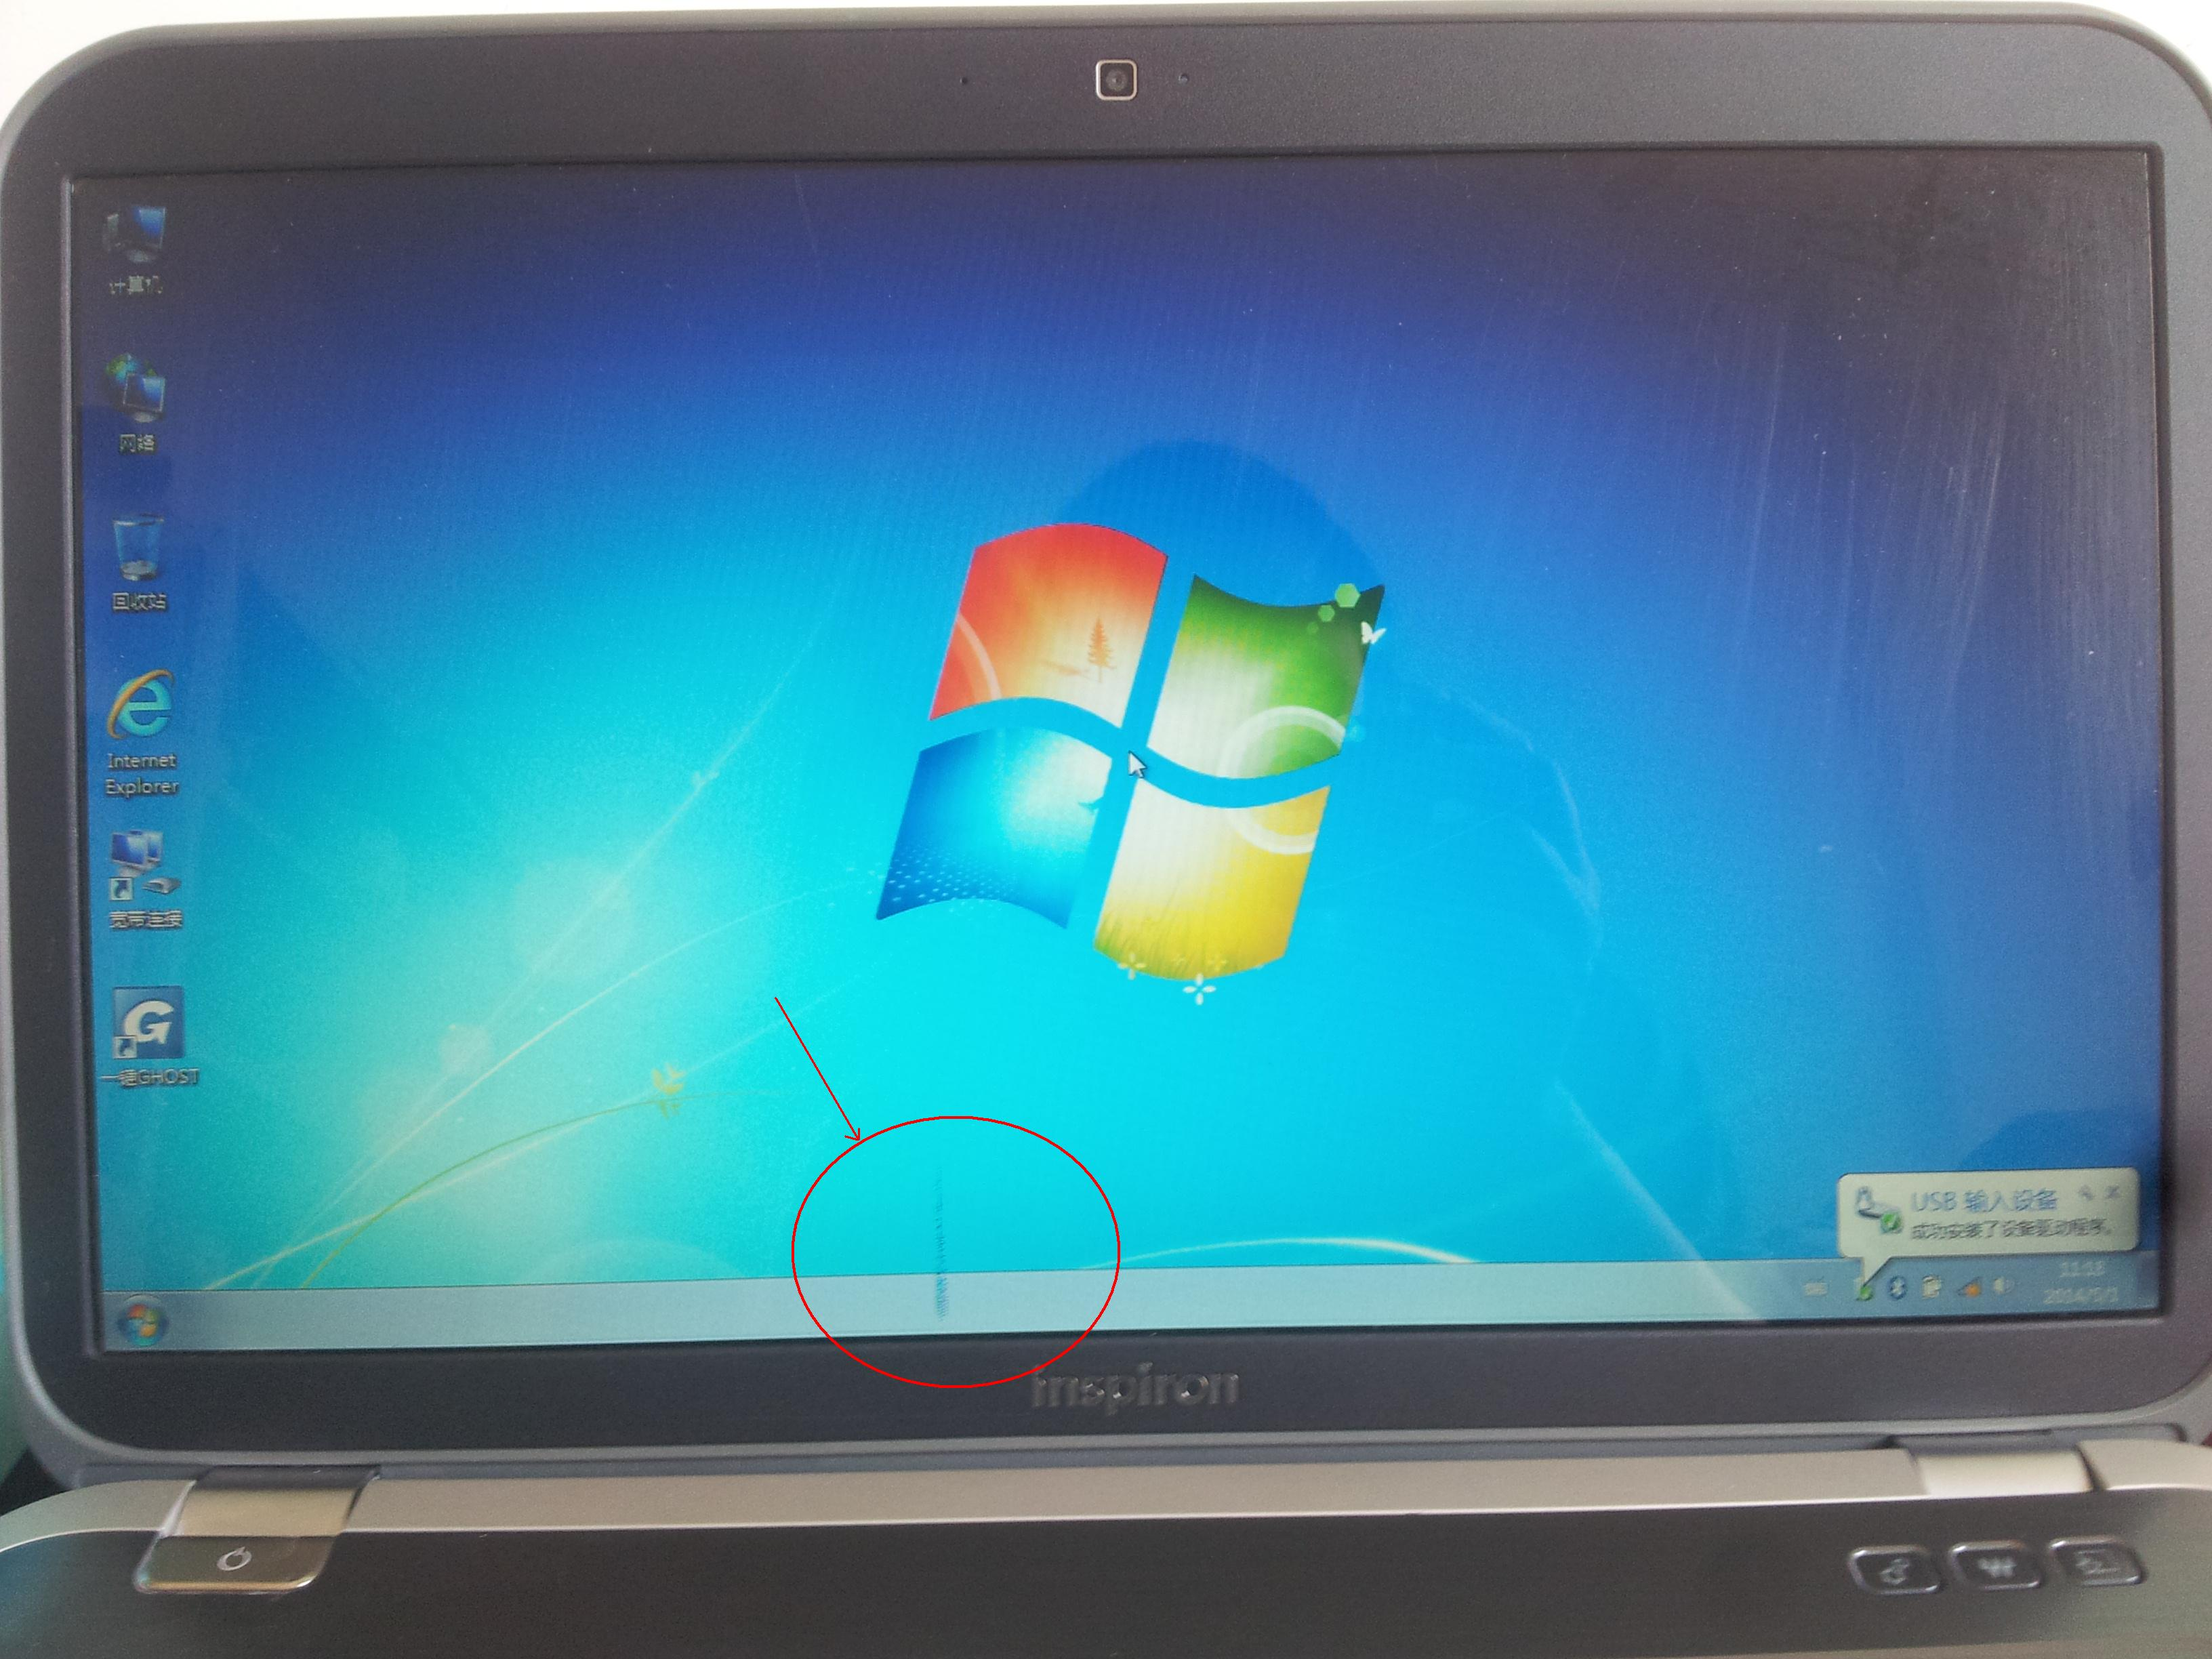 戴尔笔记本电脑主题_李宇春腿